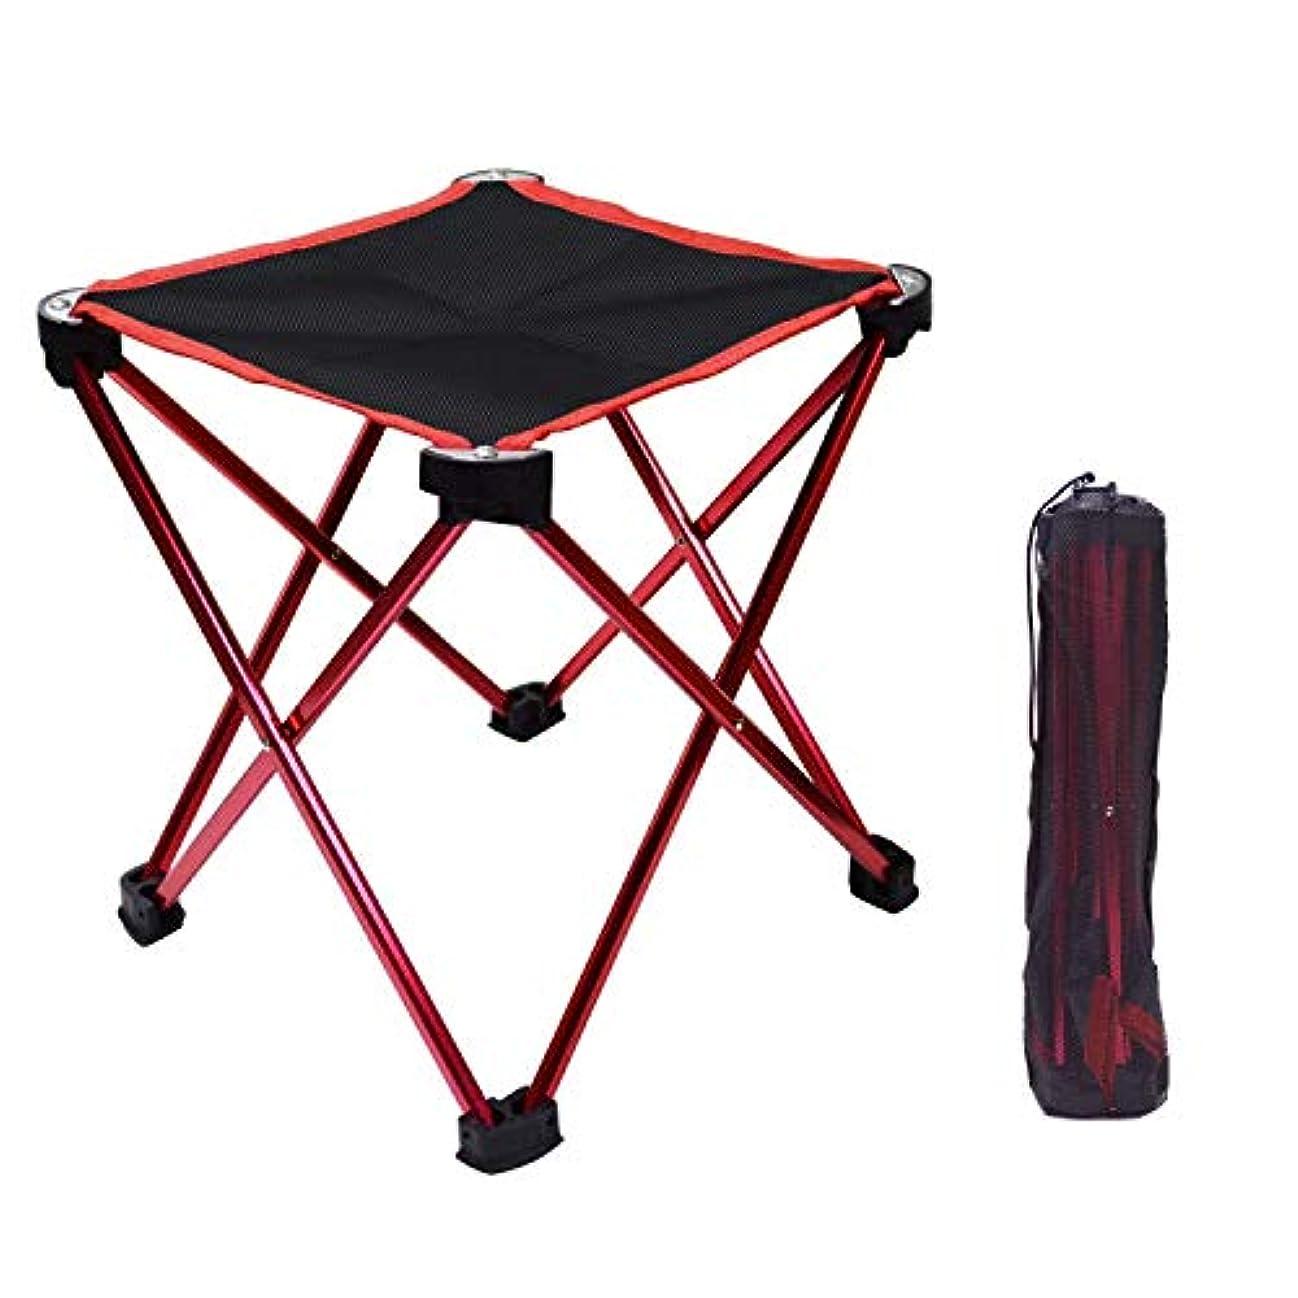 剃るデッドロックさせるアウトドアチェア折りたたみ椅子コンパクト イス 持ち運び キャンプ用軽量 収納バッグ付き 折りたたみチェア レジャー 背もたれなし